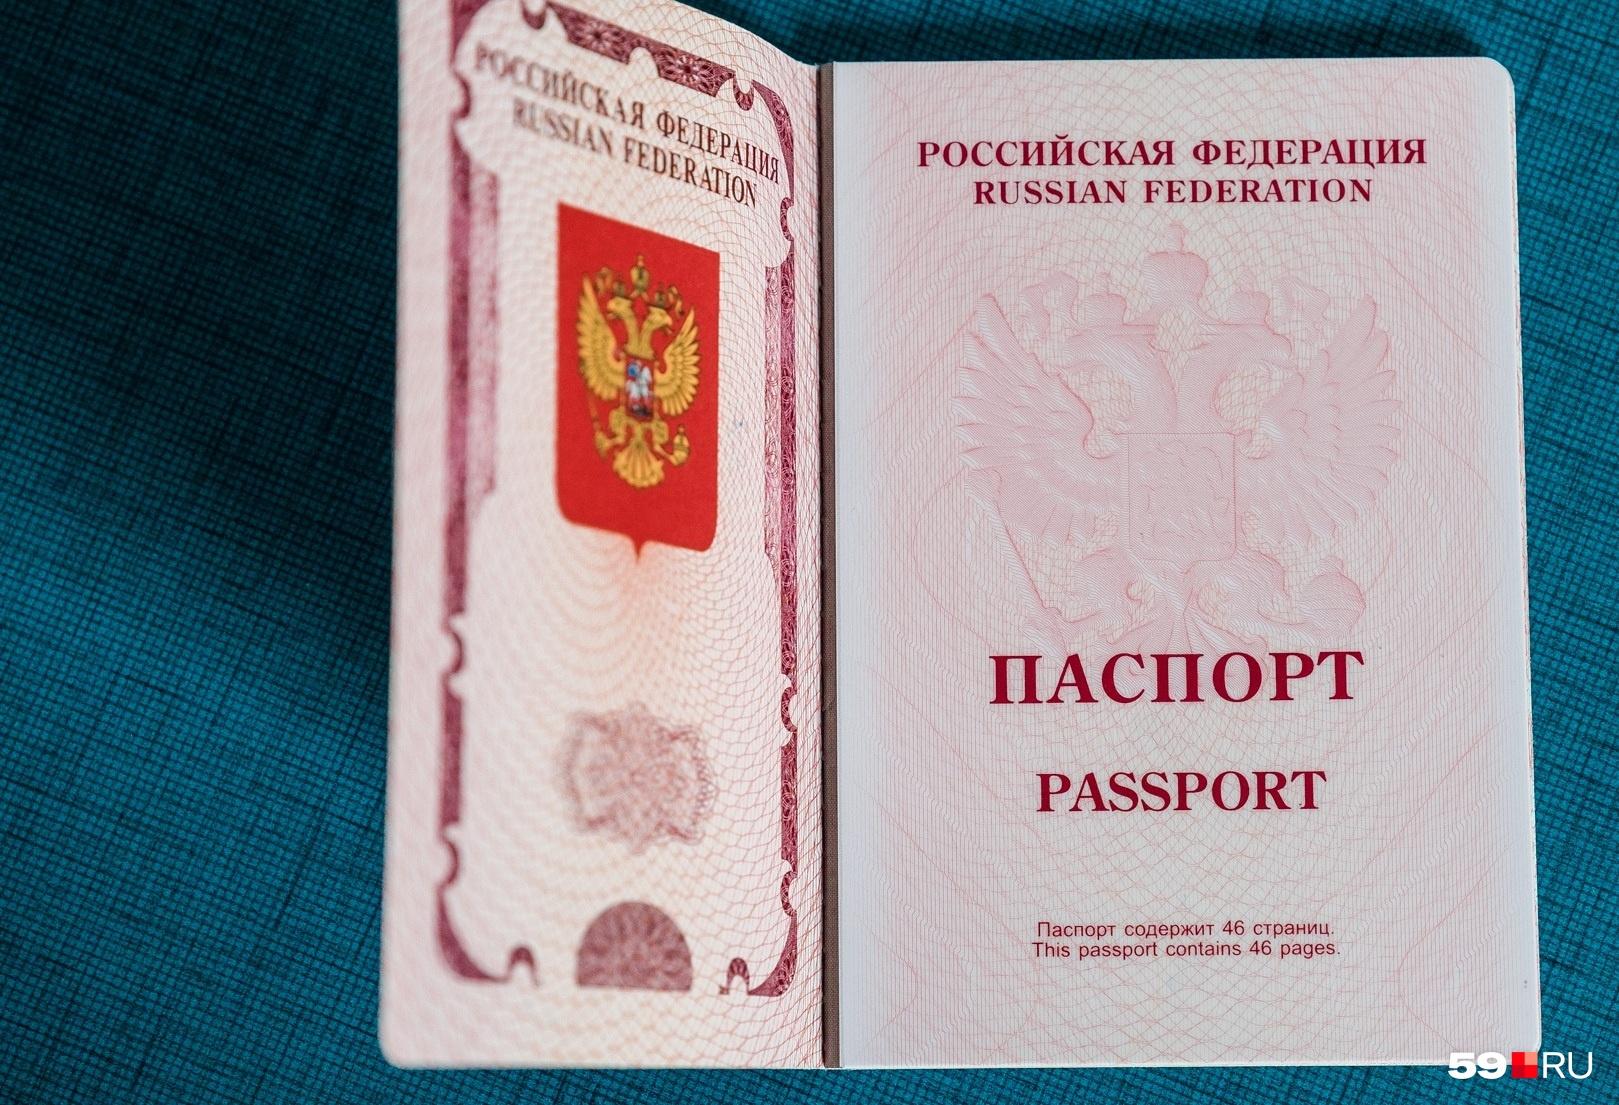 В таком паспорте 46 страниц: на 10 больше, чем в документе старого образца